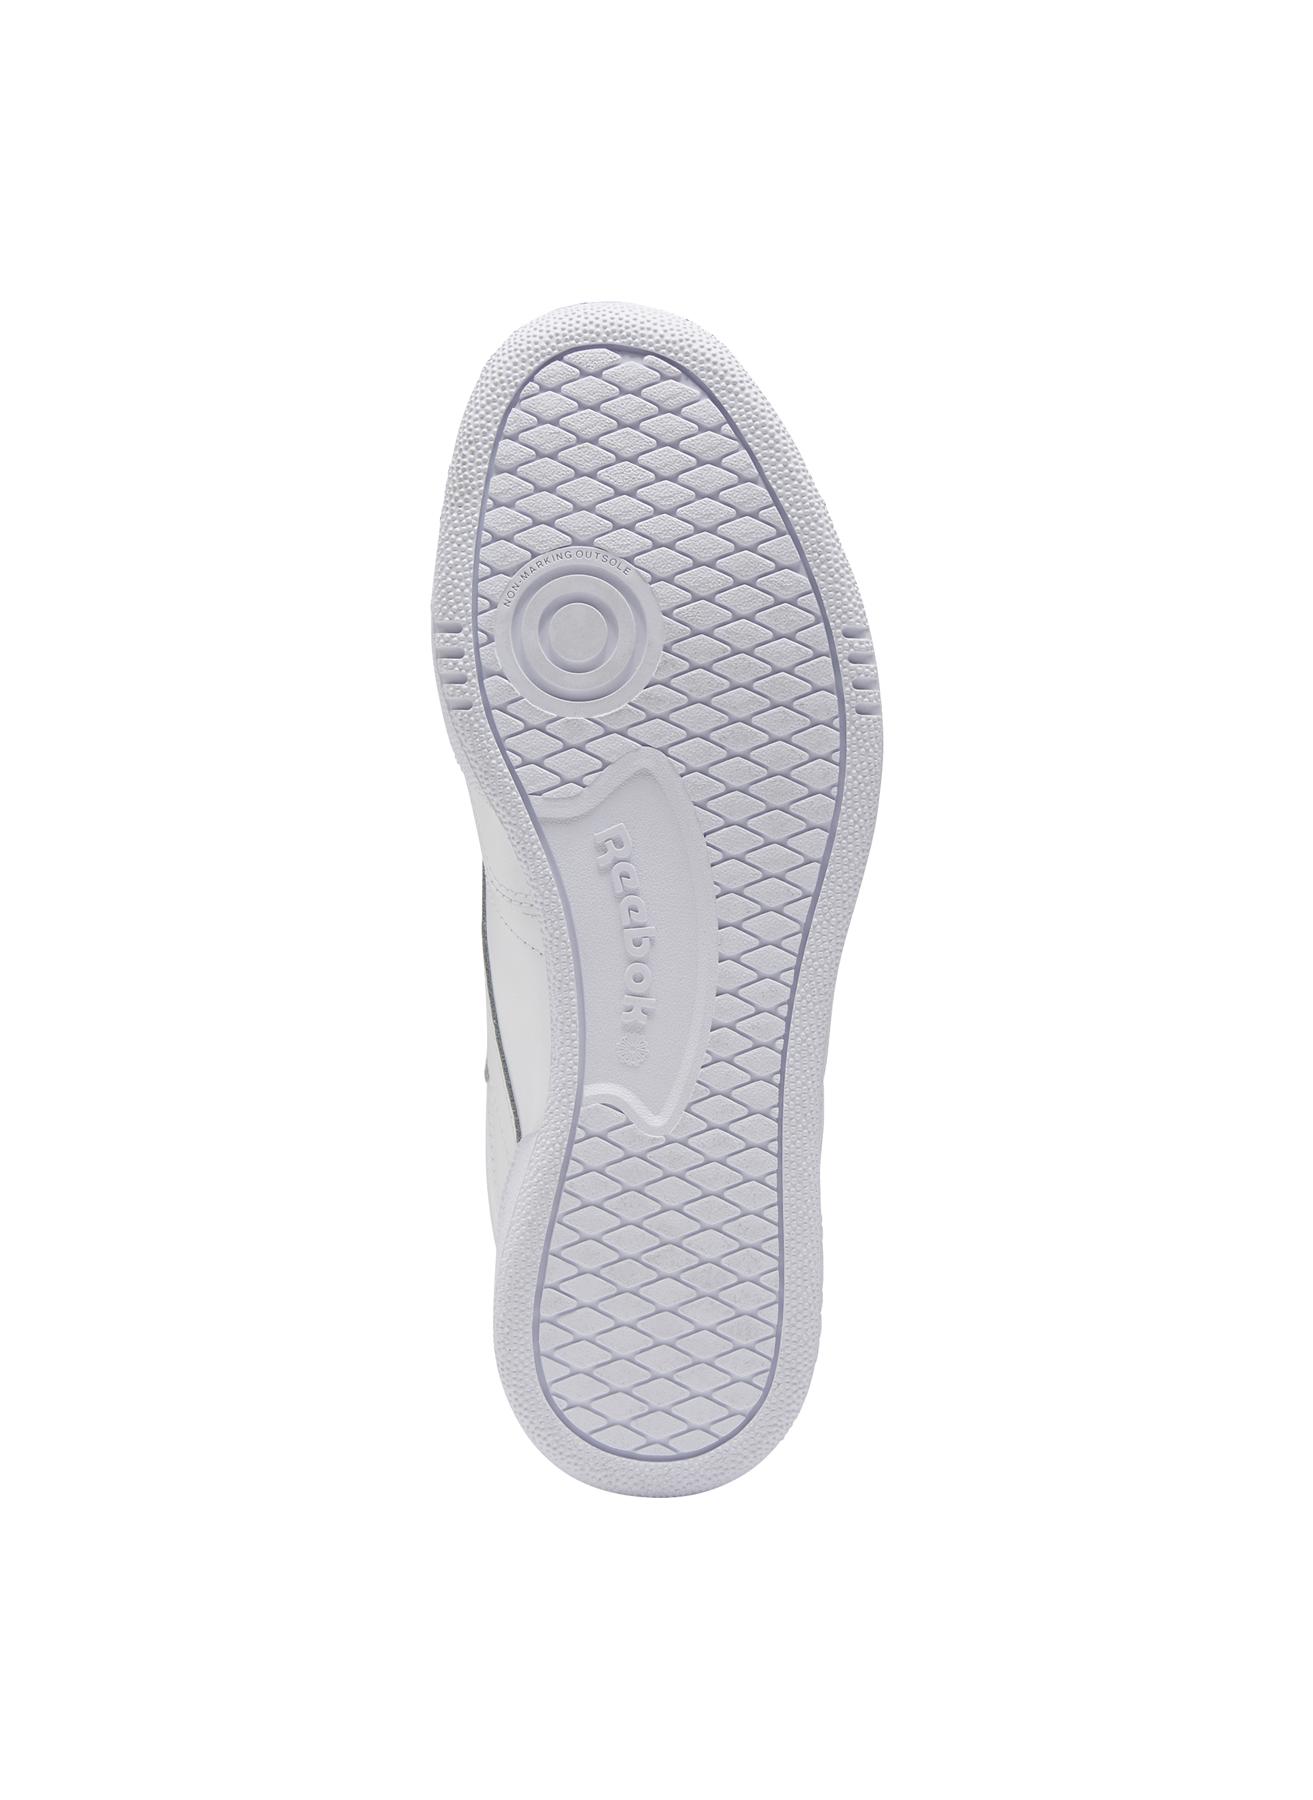 Reebok Cluc C 85 Lifestyle Ayakkabı 40 5001633153001 Ürün Resmi